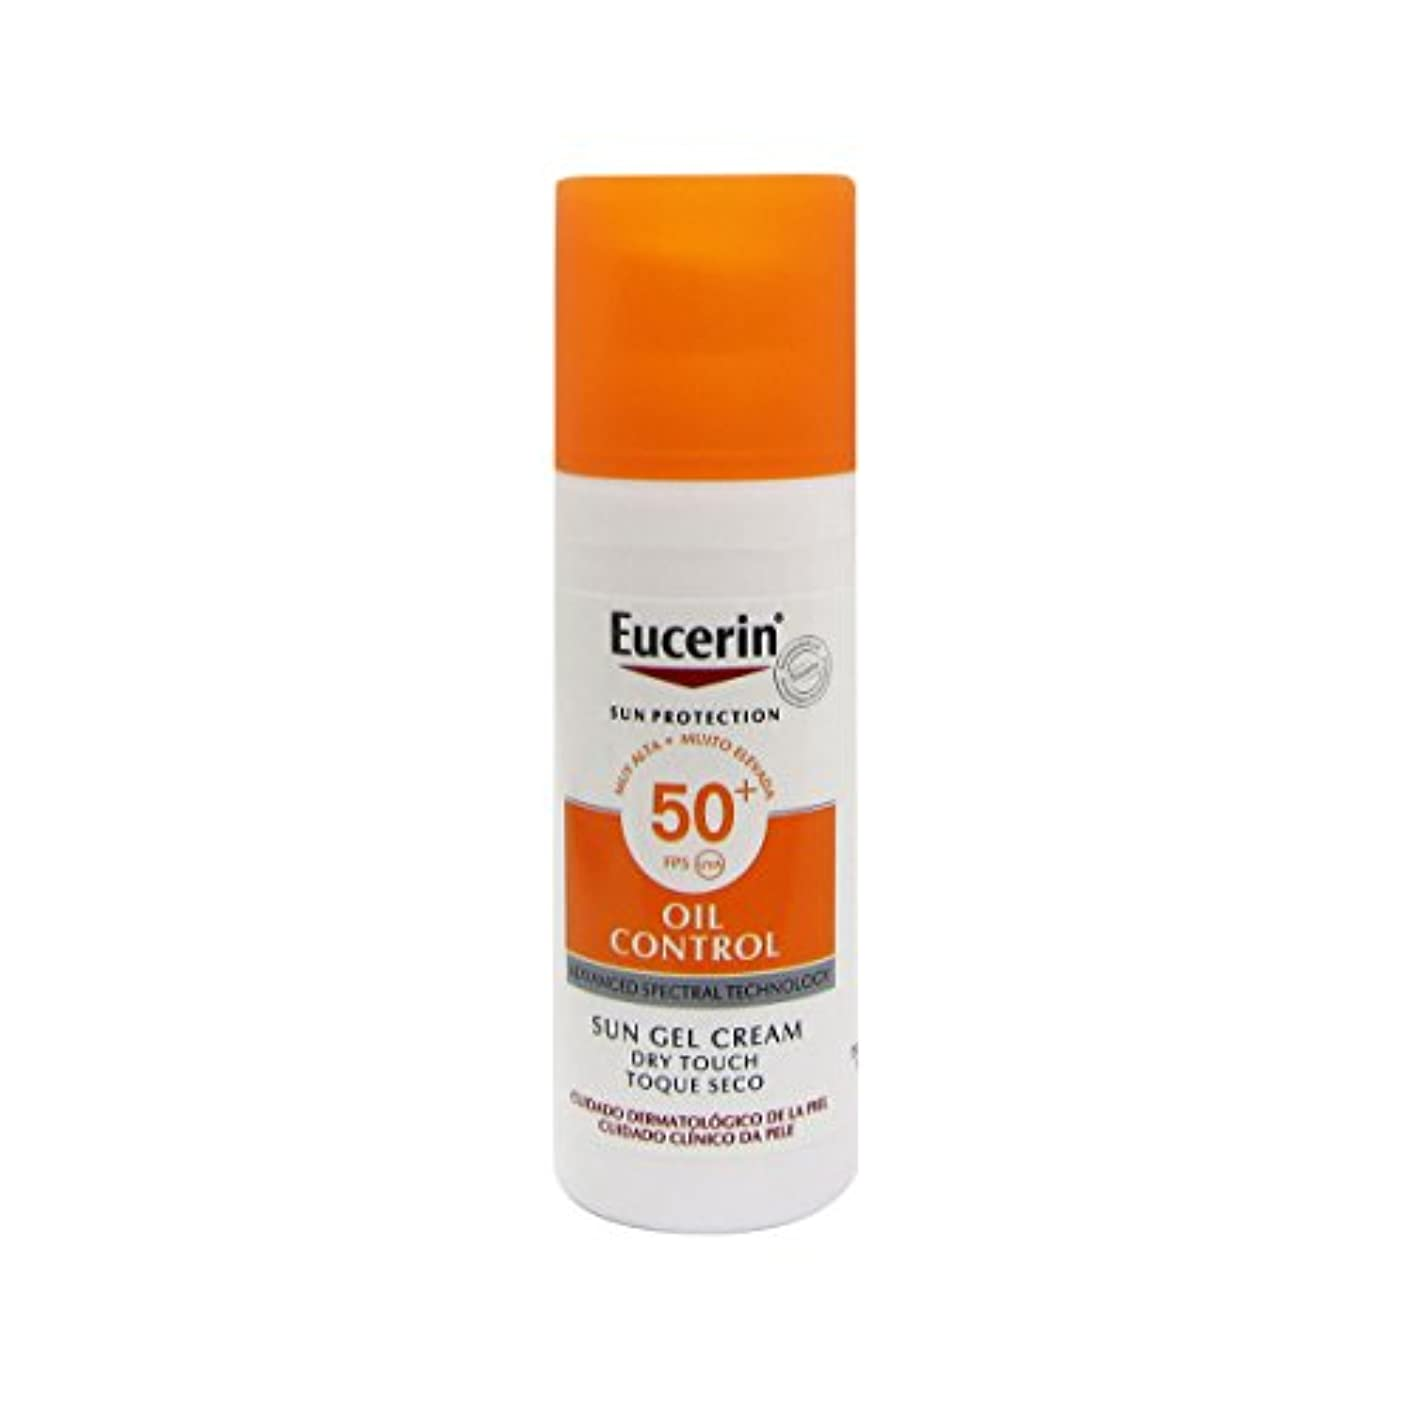 アーチ誓い最も早いEucerin Sun Face Oil Control Gel-cream Spf50 50ml [並行輸入品]